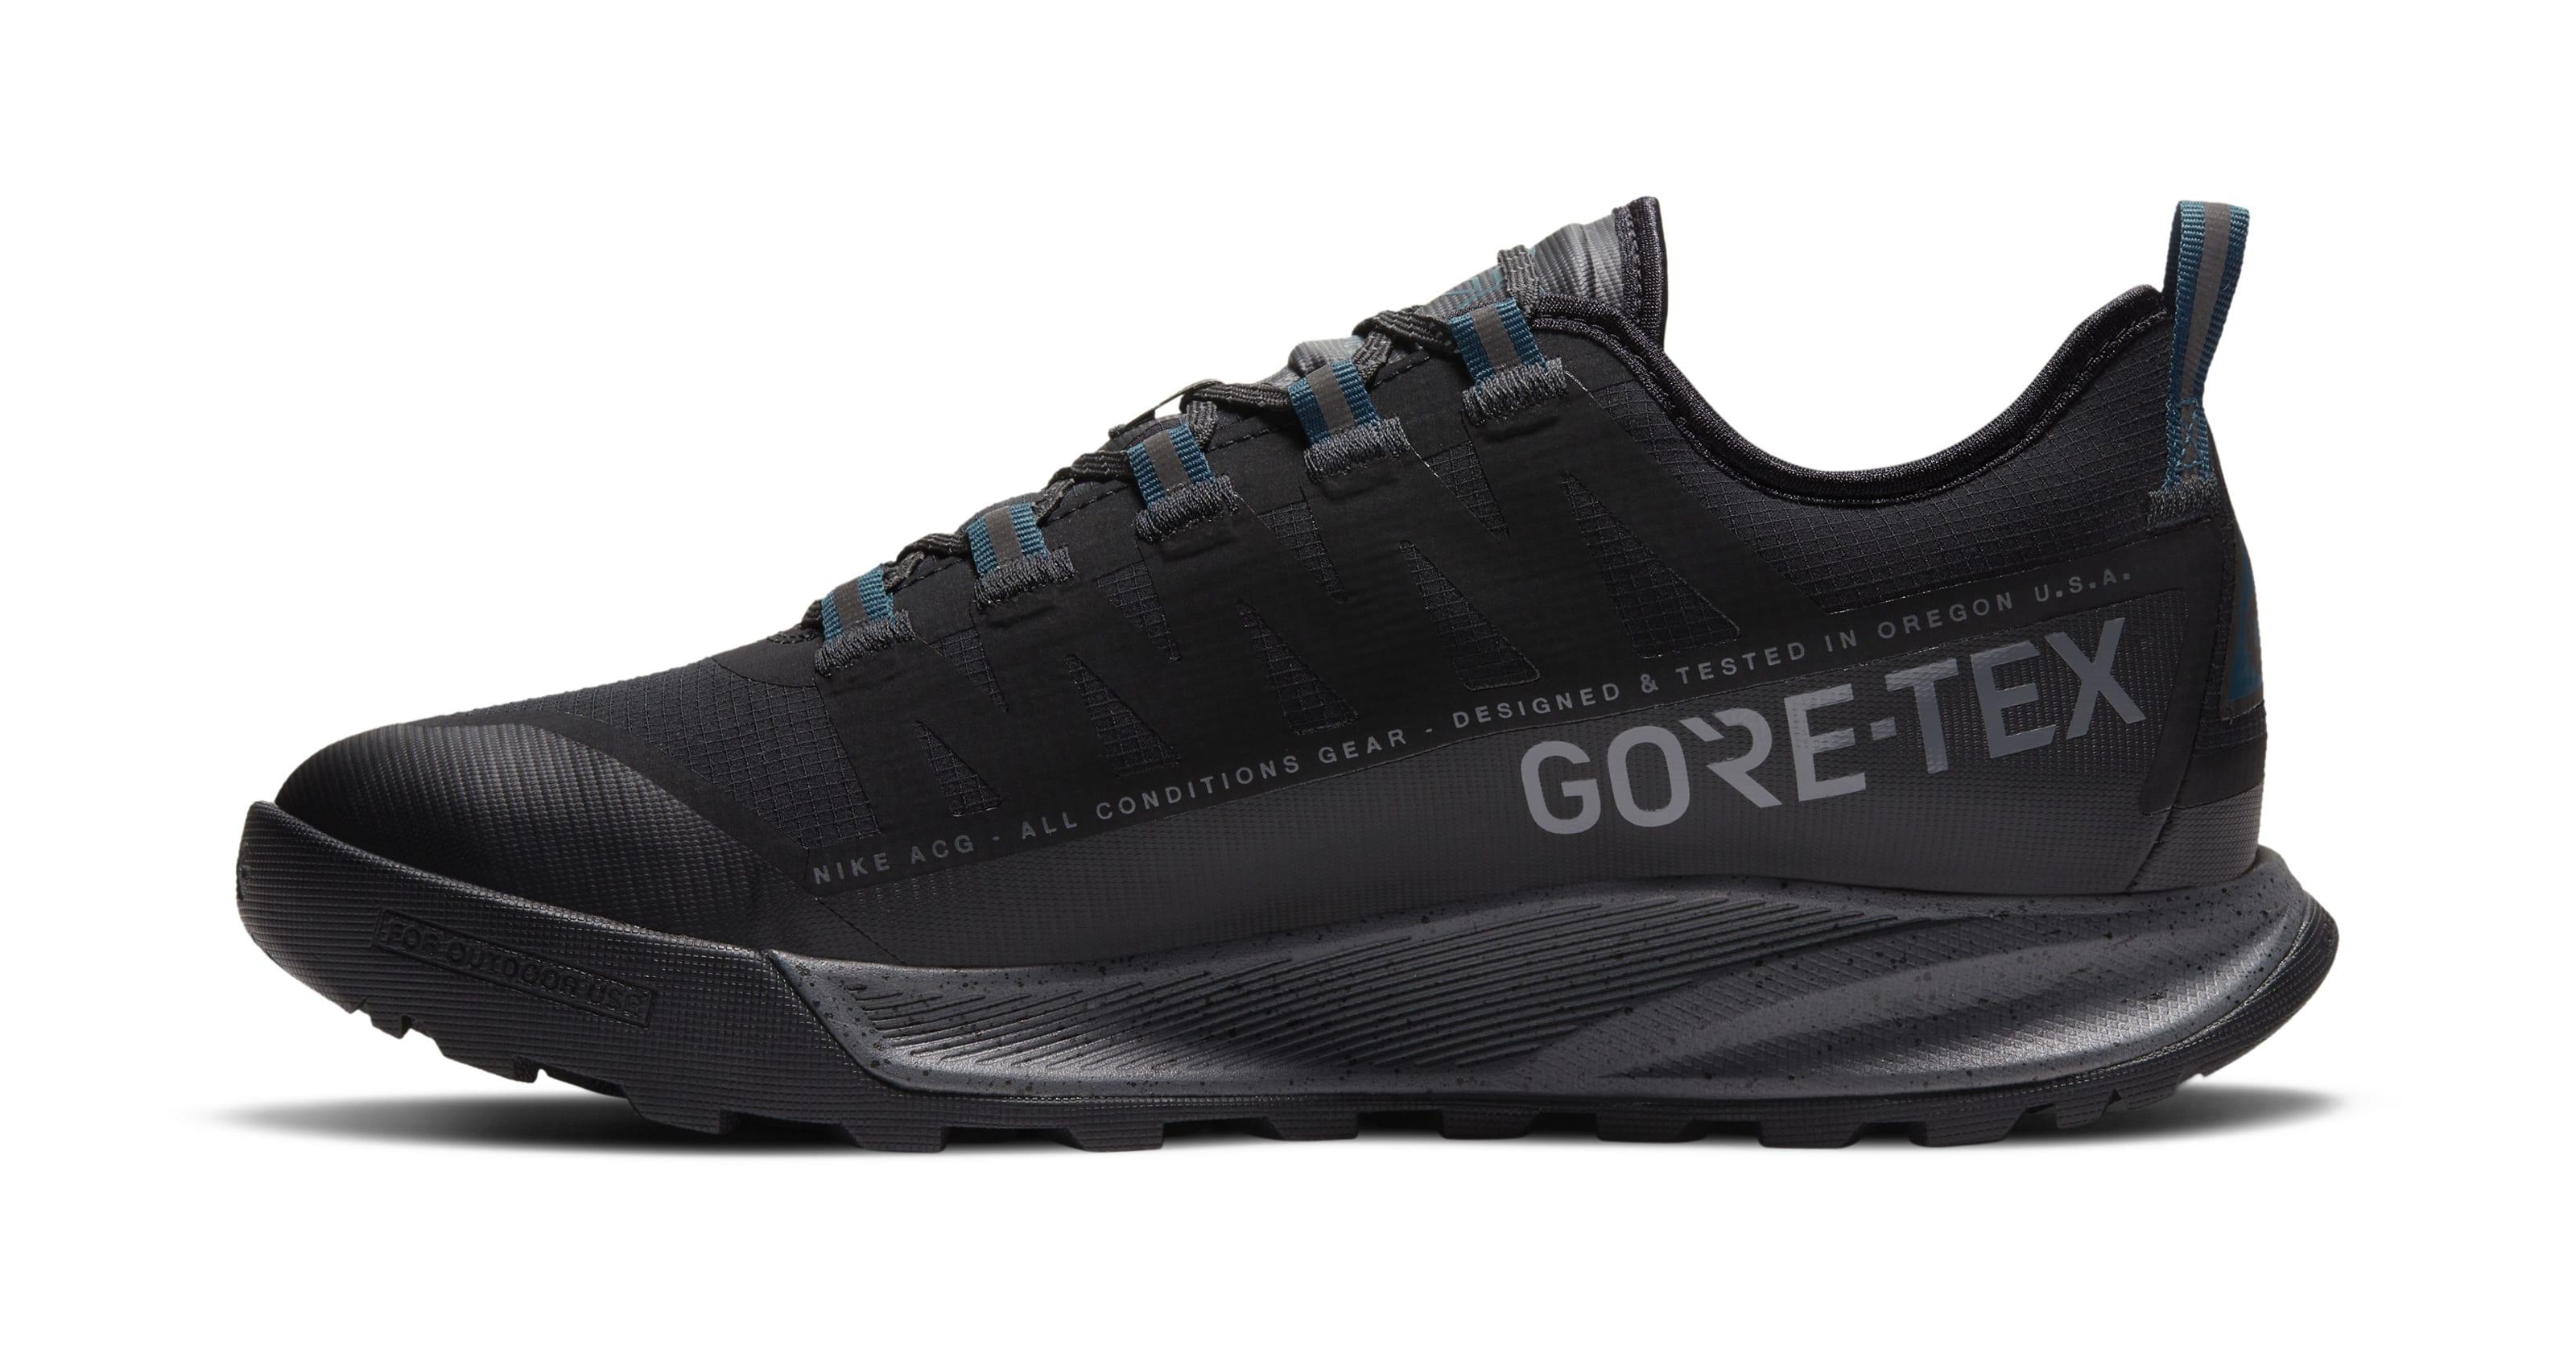 Nike ACG Air Nasu Gore-Tex Lateral